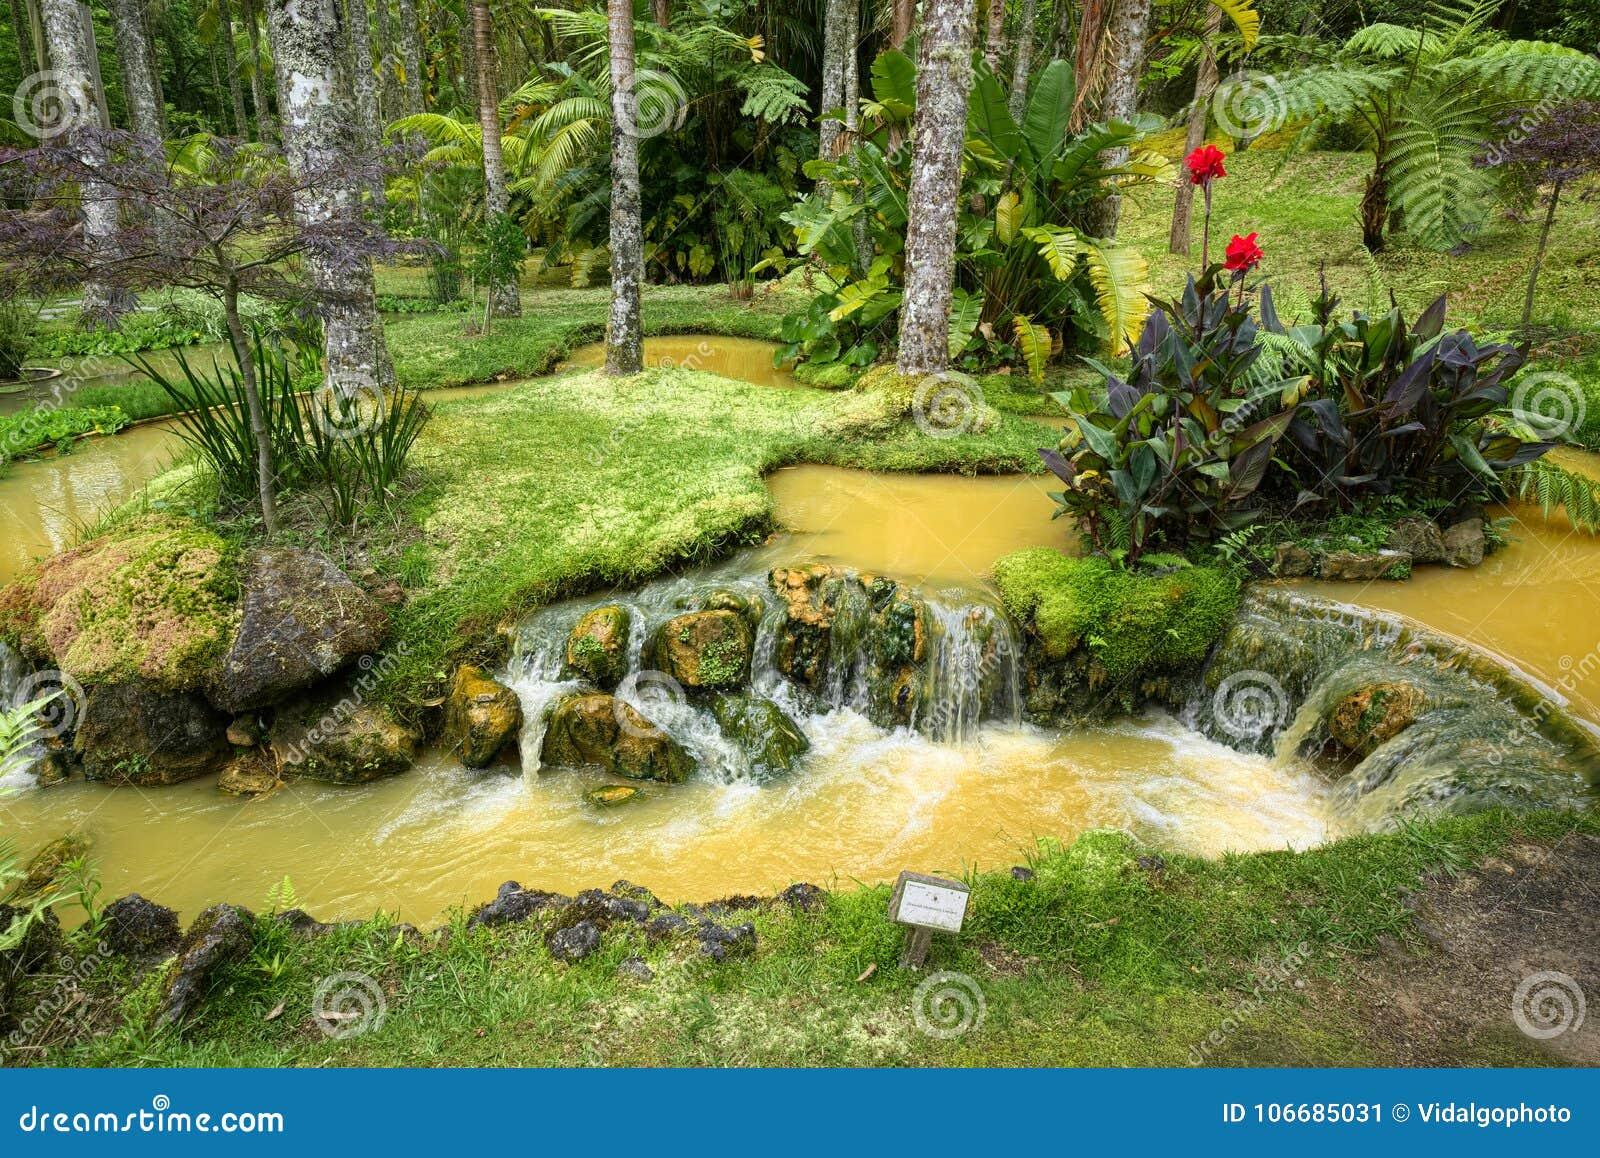 Terra Nostra Garden In Furnas Town Sao Miguel Island Azores